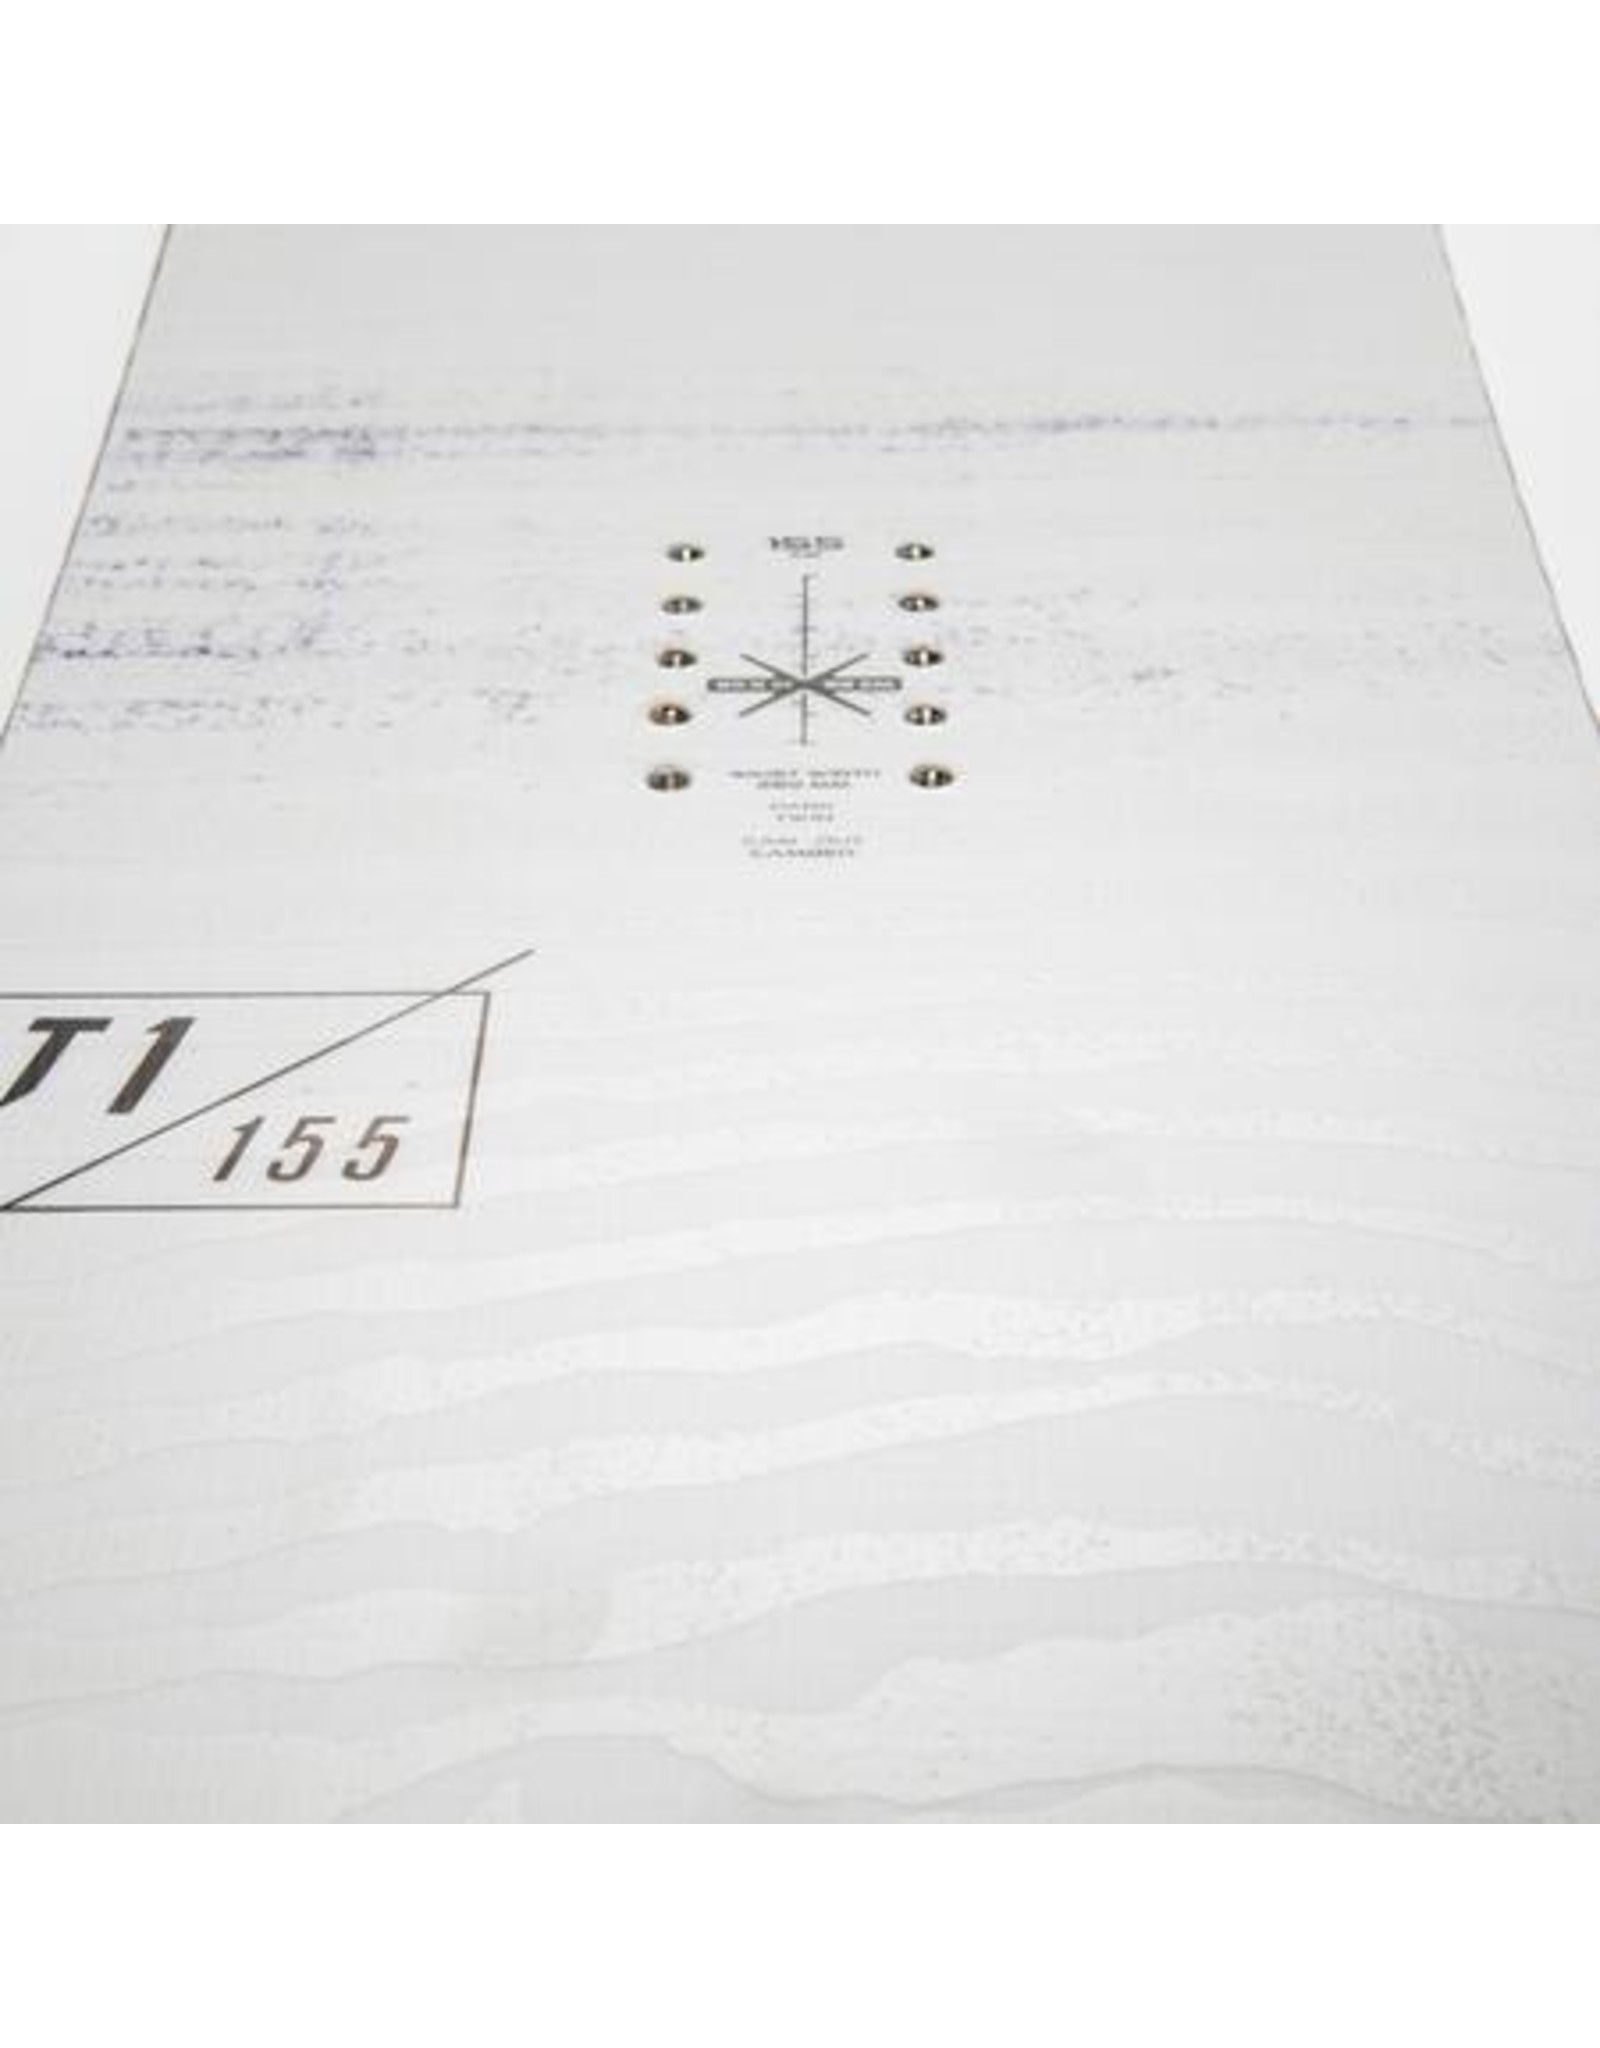 NITRO NITRO - T1 - 155 - 20/21